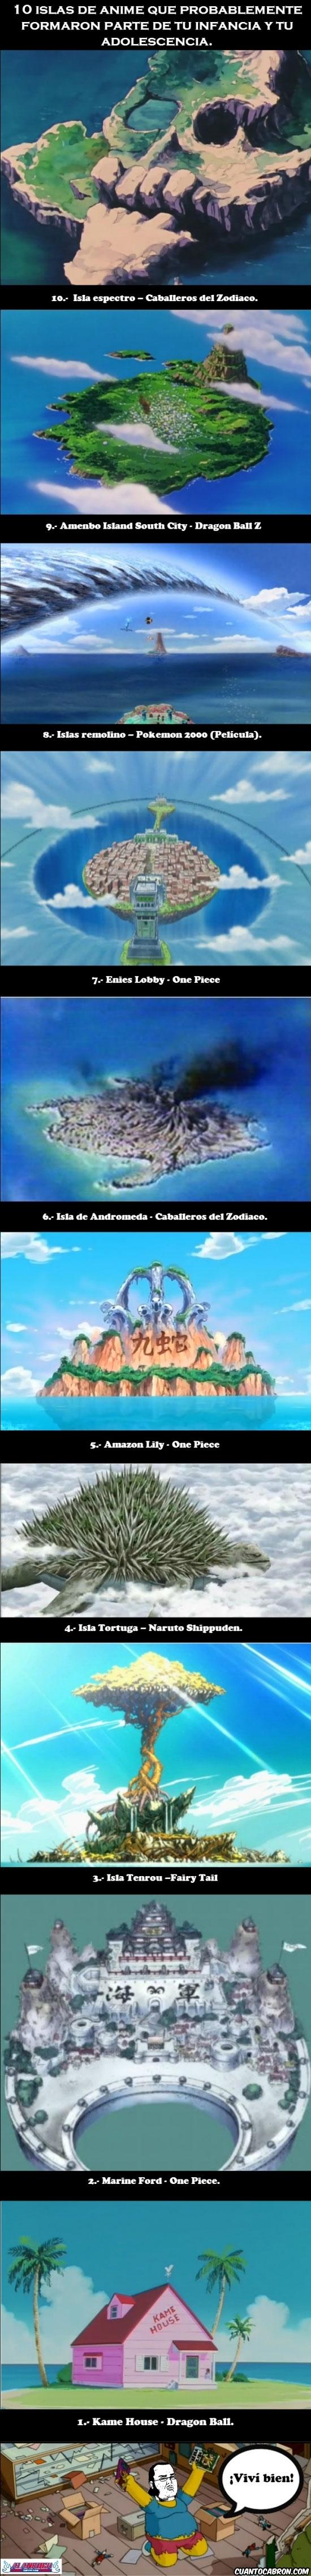 Friki - Islas de anime que causan nostalgia